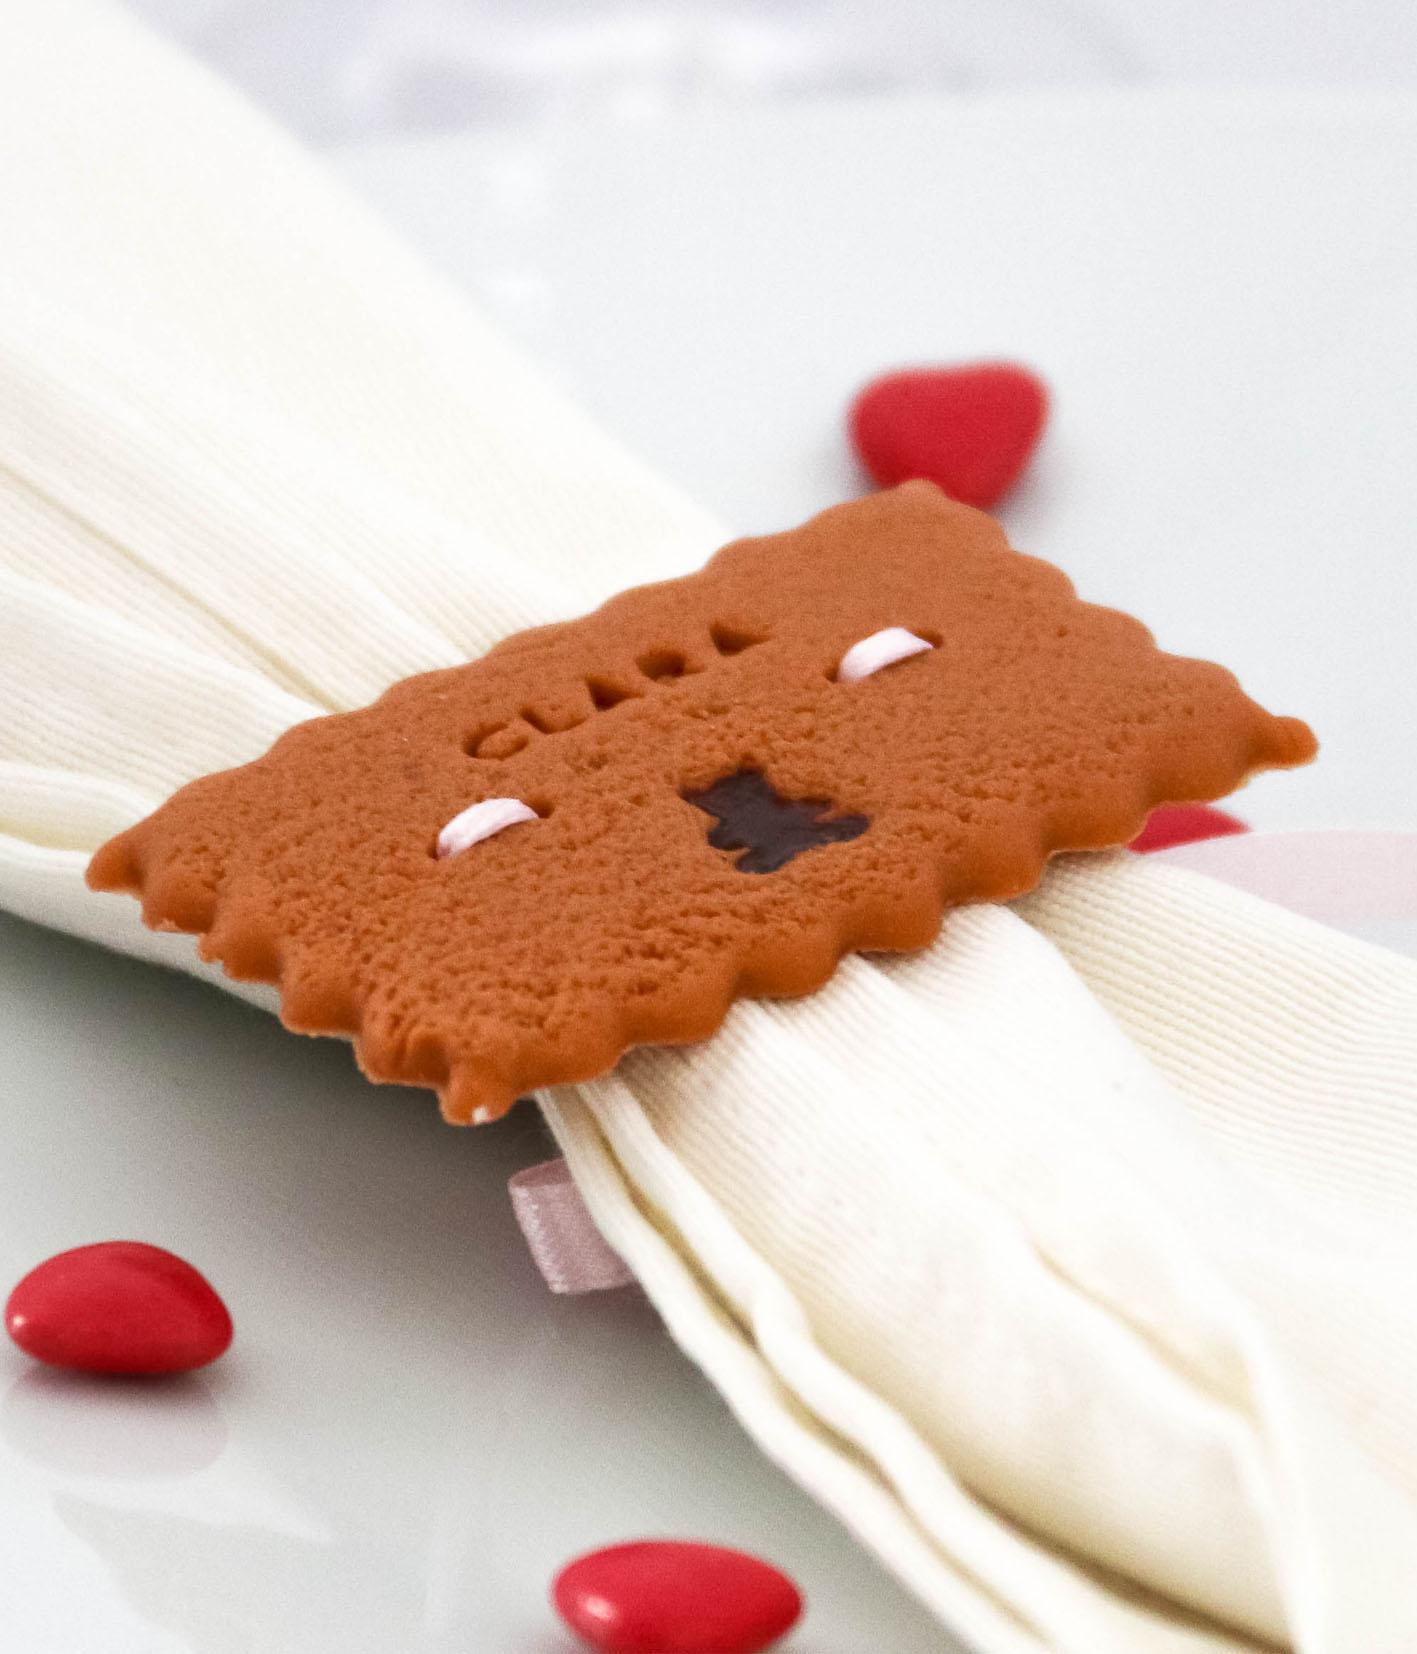 marque-place biscuit personnalisé rond de serviette